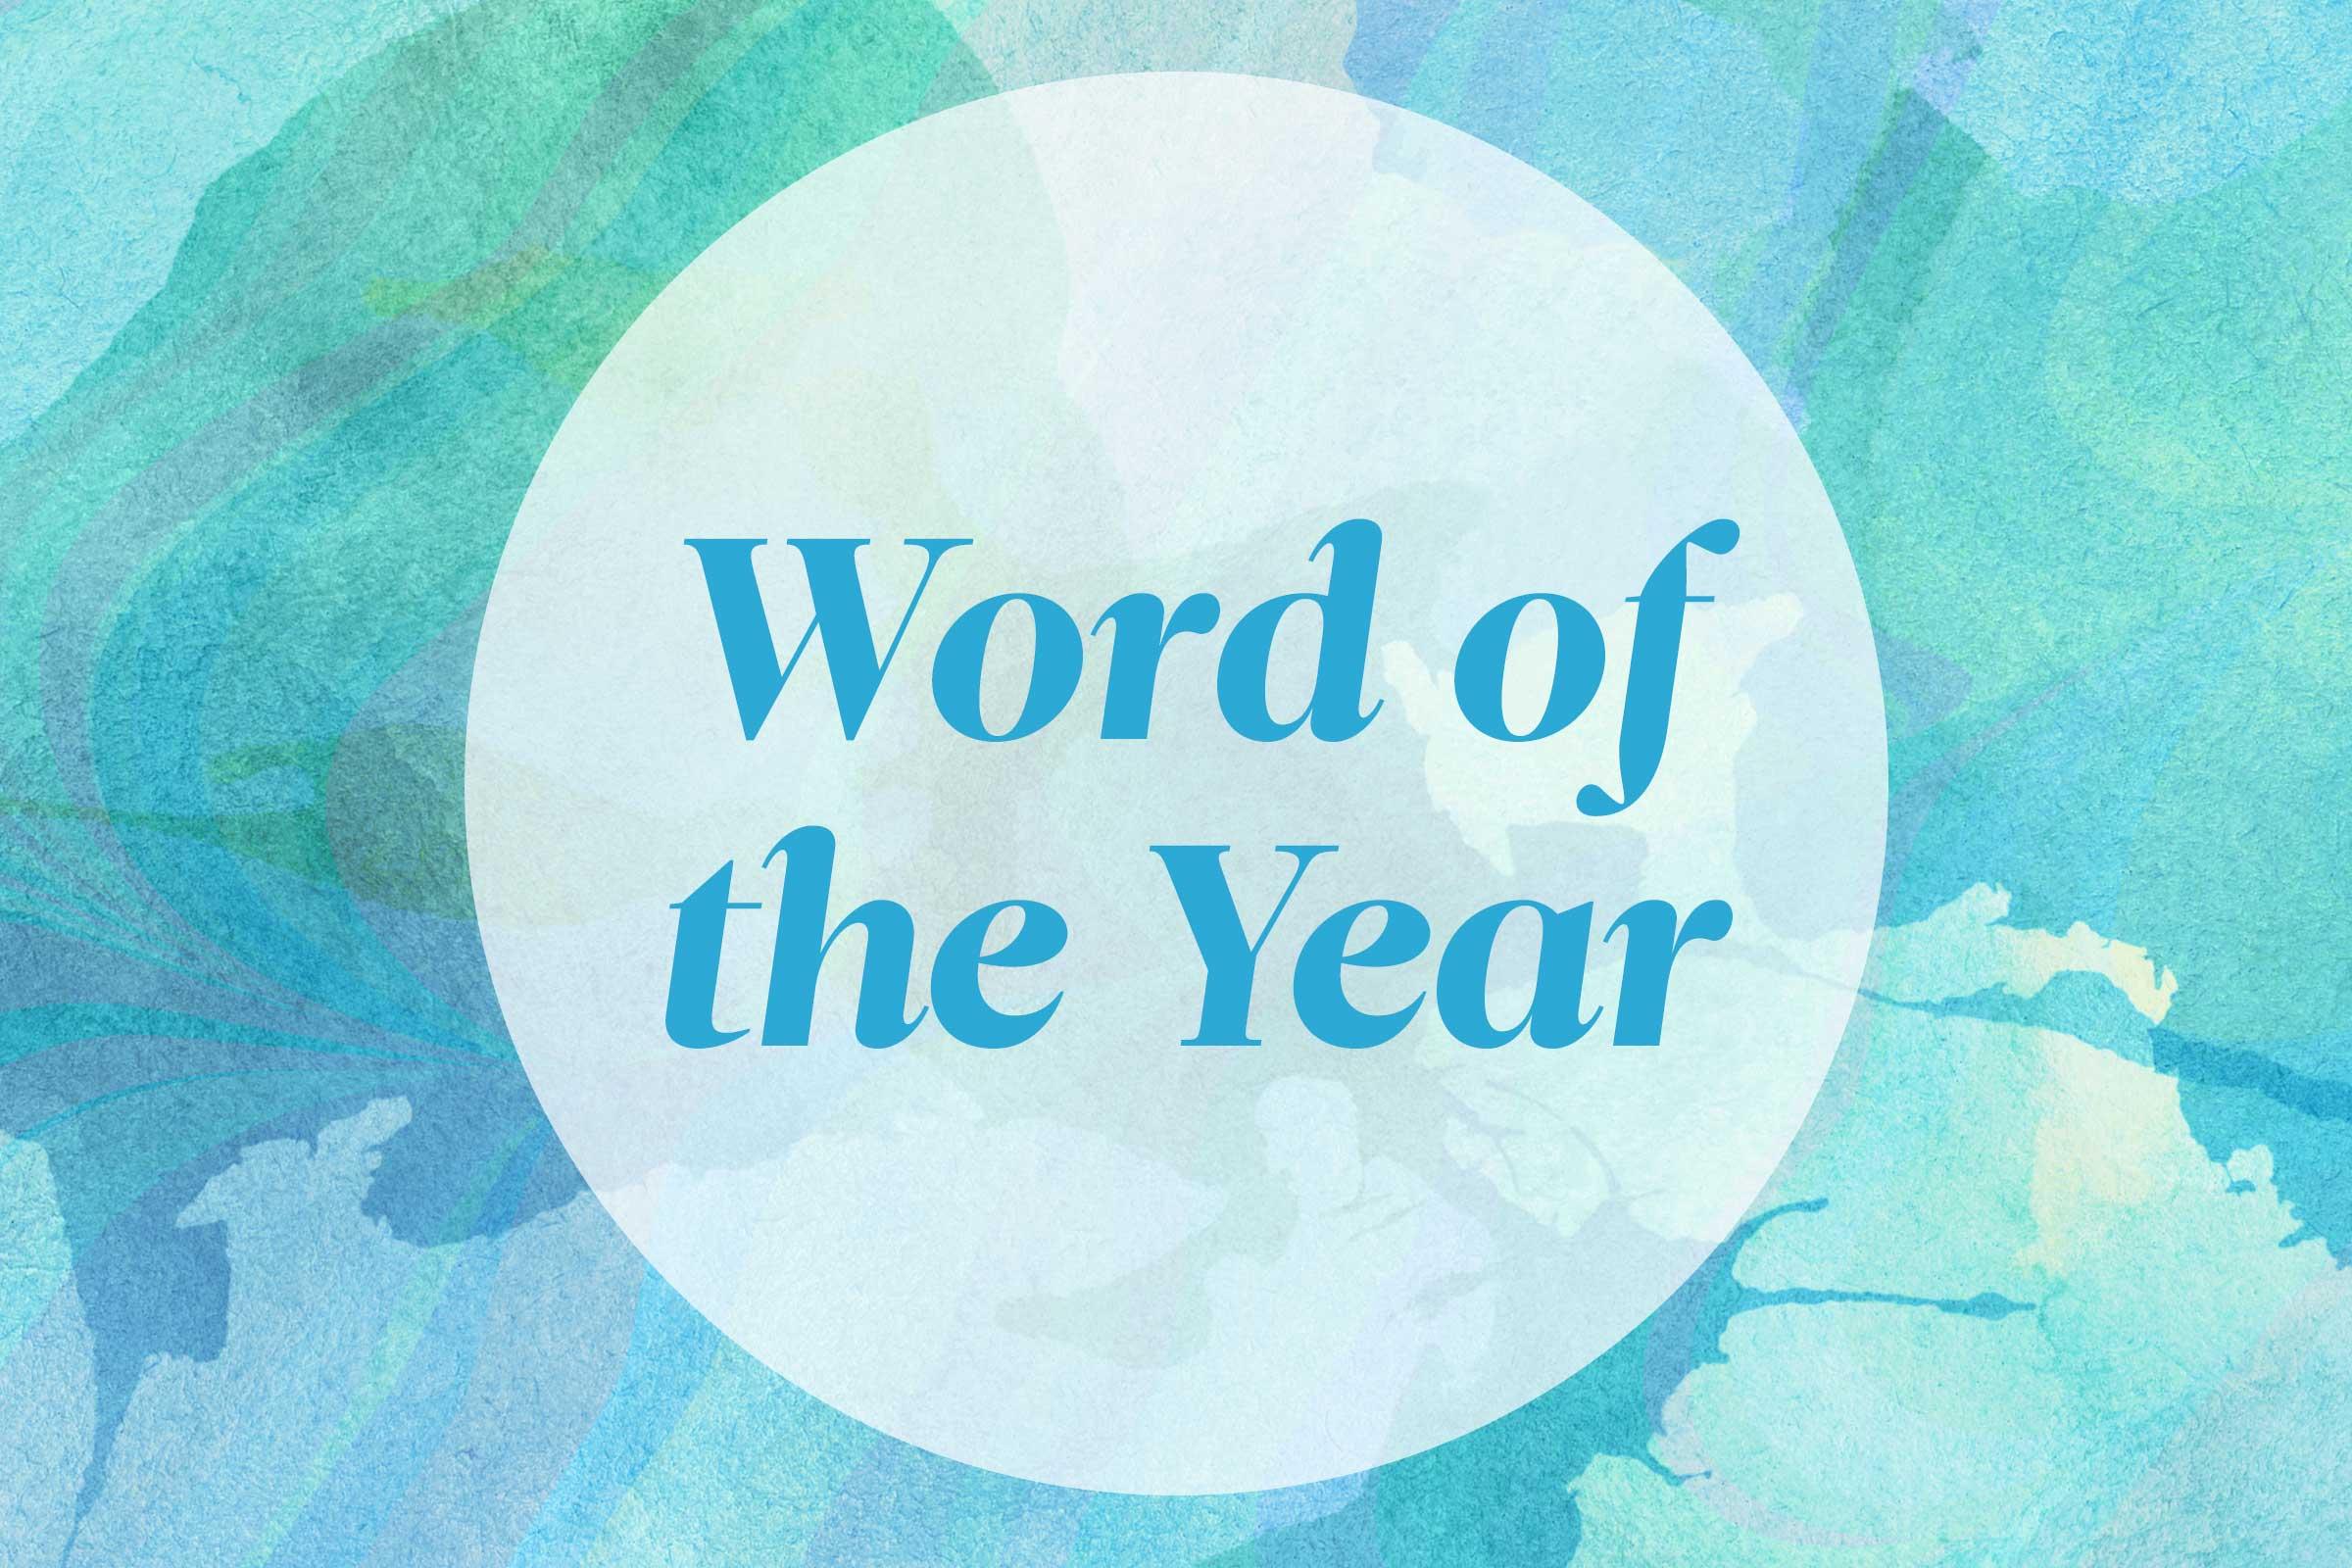 01-opener-word-of-the-year-flas100-84445383.jpg